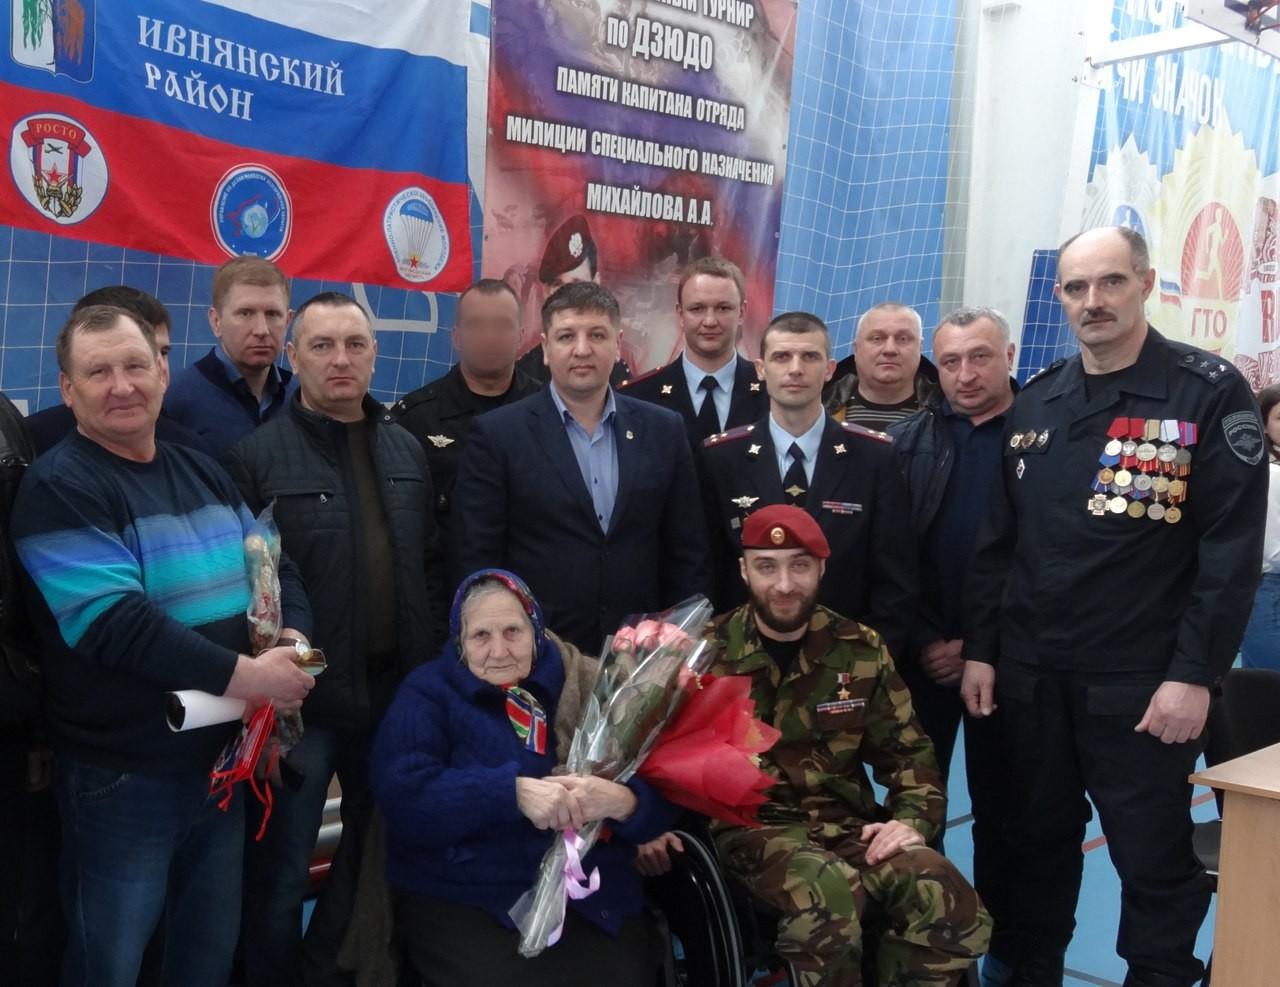 Прошел традиционный турнир по дзюдо, посвященный памяти Алексея Михайлова